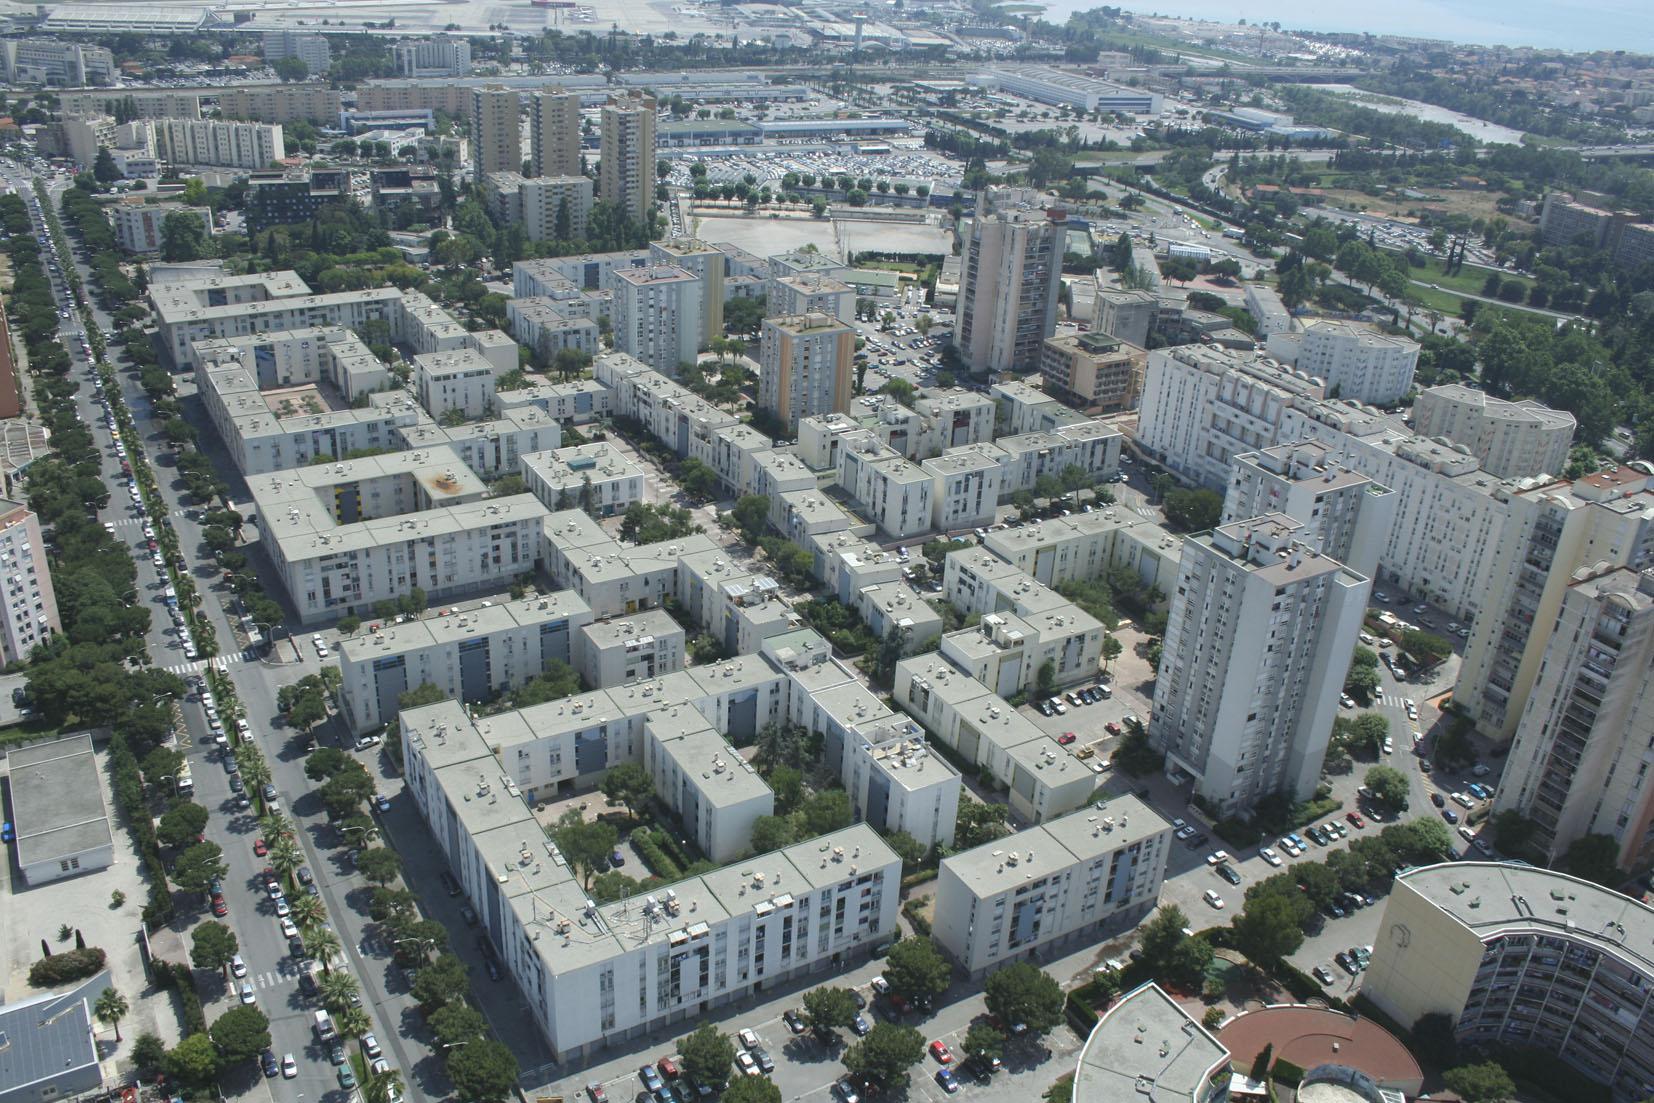 Bien que situé en entrée de Métropole, à l'embouchure du Var, le quartier des Moulins a longtemps été mis à l'écart des réflexions. Au delà du désenclavement de ce macro-îlot en bord d'infrastructures régionales, de l'amélioration du cadre de vie des habitants et la redynamisation de l'offre commerciale, l'enjeu pour nous est aussi de ré-inscrire le quartier des Moulins dans la nouvelle dynamique urbaine et paysagère de la Plaine du Var (initiée avec les opérations Méridia, Plaine des sports et Grand Arénas).  Notre proposition vise notamment à retrouver des porosités paysagères entre les collines Niçoises et la rivière. Elle affirme aussi l'ouverture du quartier sur les axes de cohérence qui l'entourent :  - à l'échelle municipale par l'organisation d'une polarité commerciale en entrée de quartier en lien avec la nouvelle station de tramway et le réaménagement des rez de chaussée du boulevard Montel,  - à l'échelle régionale par l'intensification à long terme de la façade avenue de Grenoble (création de 40 000m2) d'activités.  A l'échelle de l'habitant , la trame urbaine organise équipements, service et parcours selon le principe d'un « quartier des courtes distances », la programmation vise à une plus grande mixité programmatique et sociale.